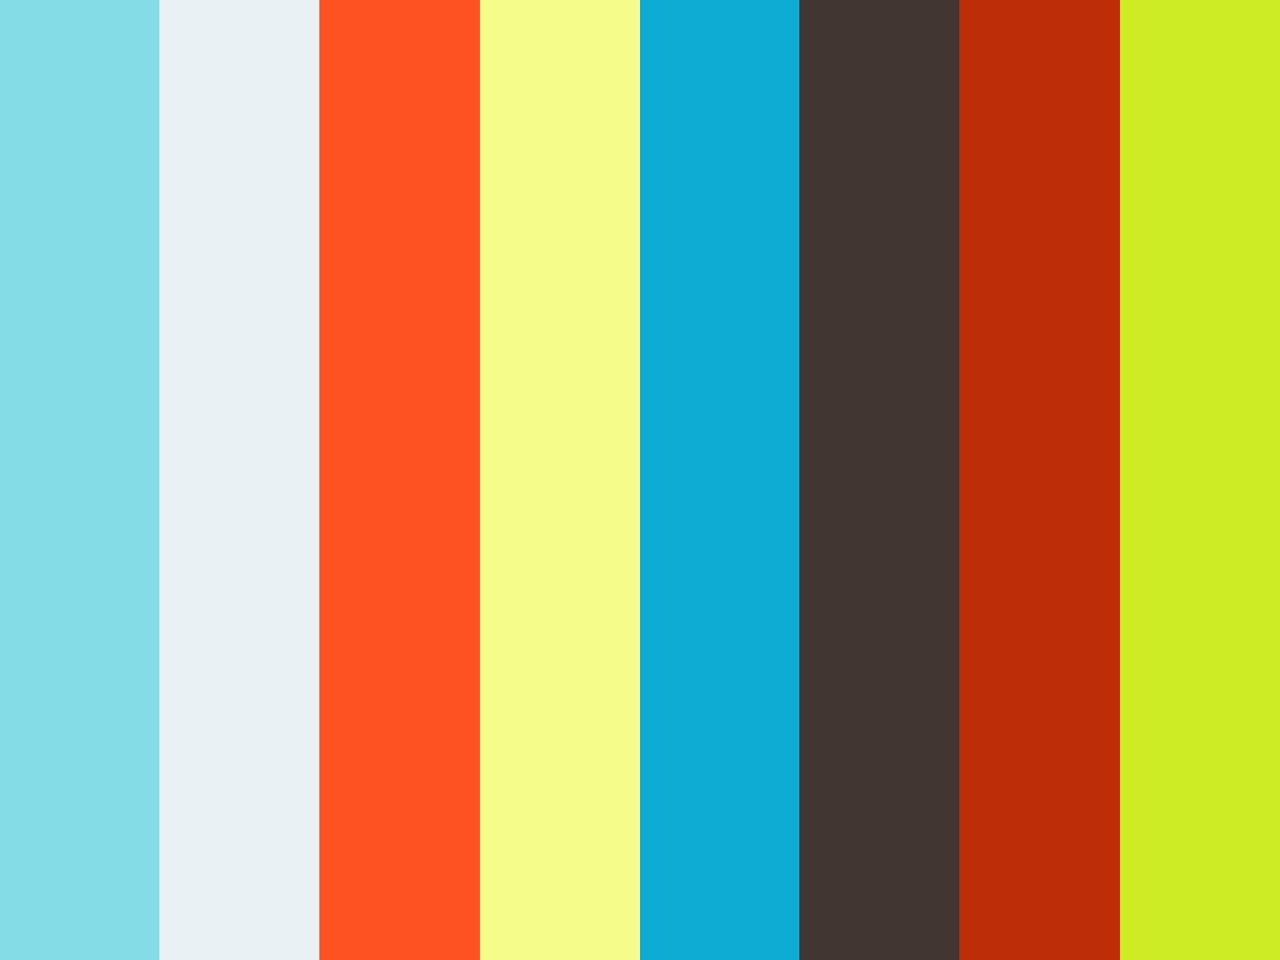 Hardway x Palto: BispingenCamp